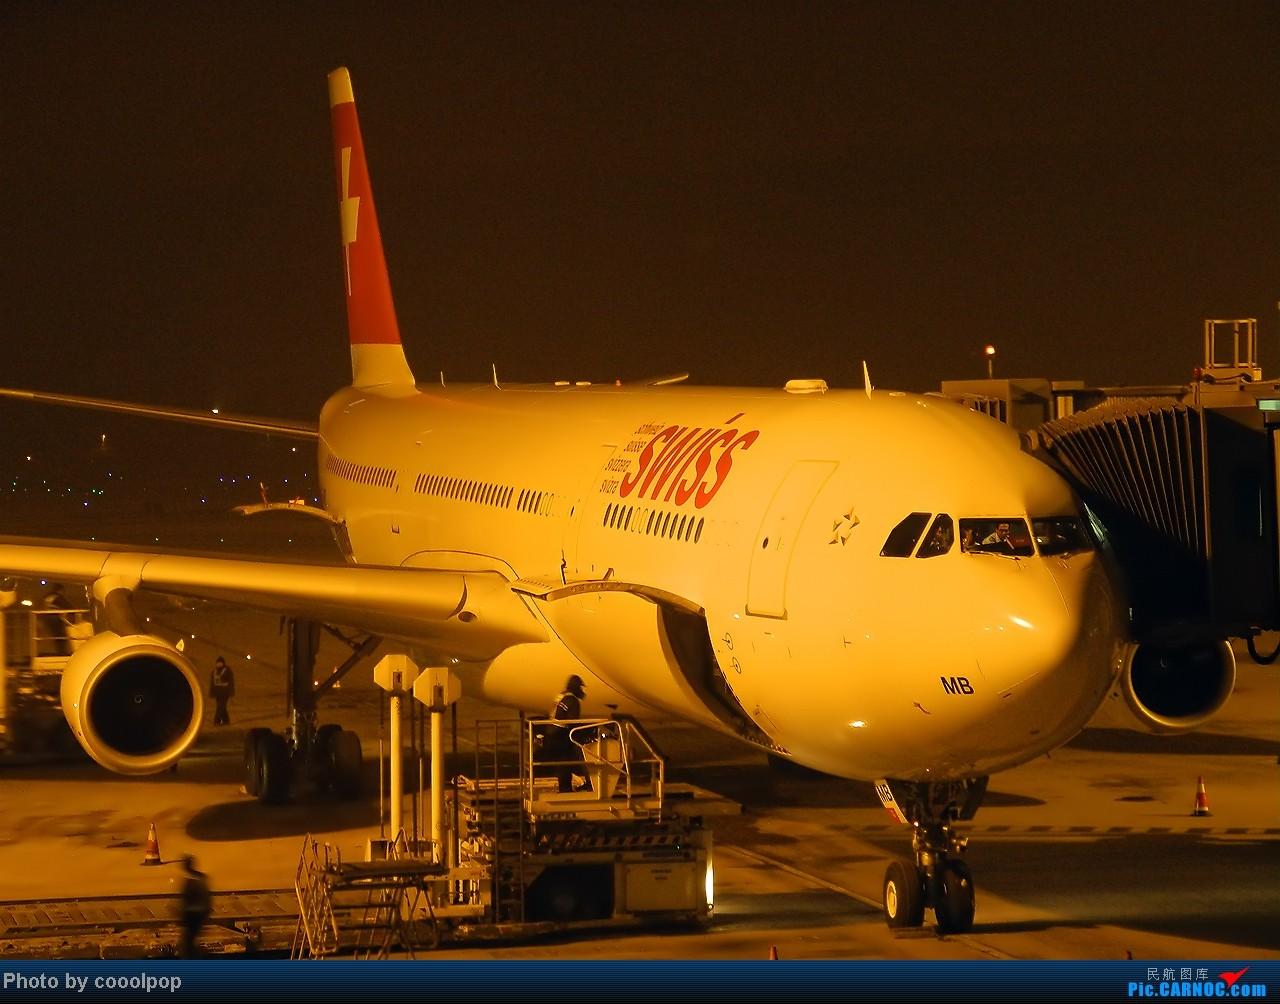 [原创]老飞EK了,有点腻了 哈哈哈!上次北京飞迪拜来点图吧!